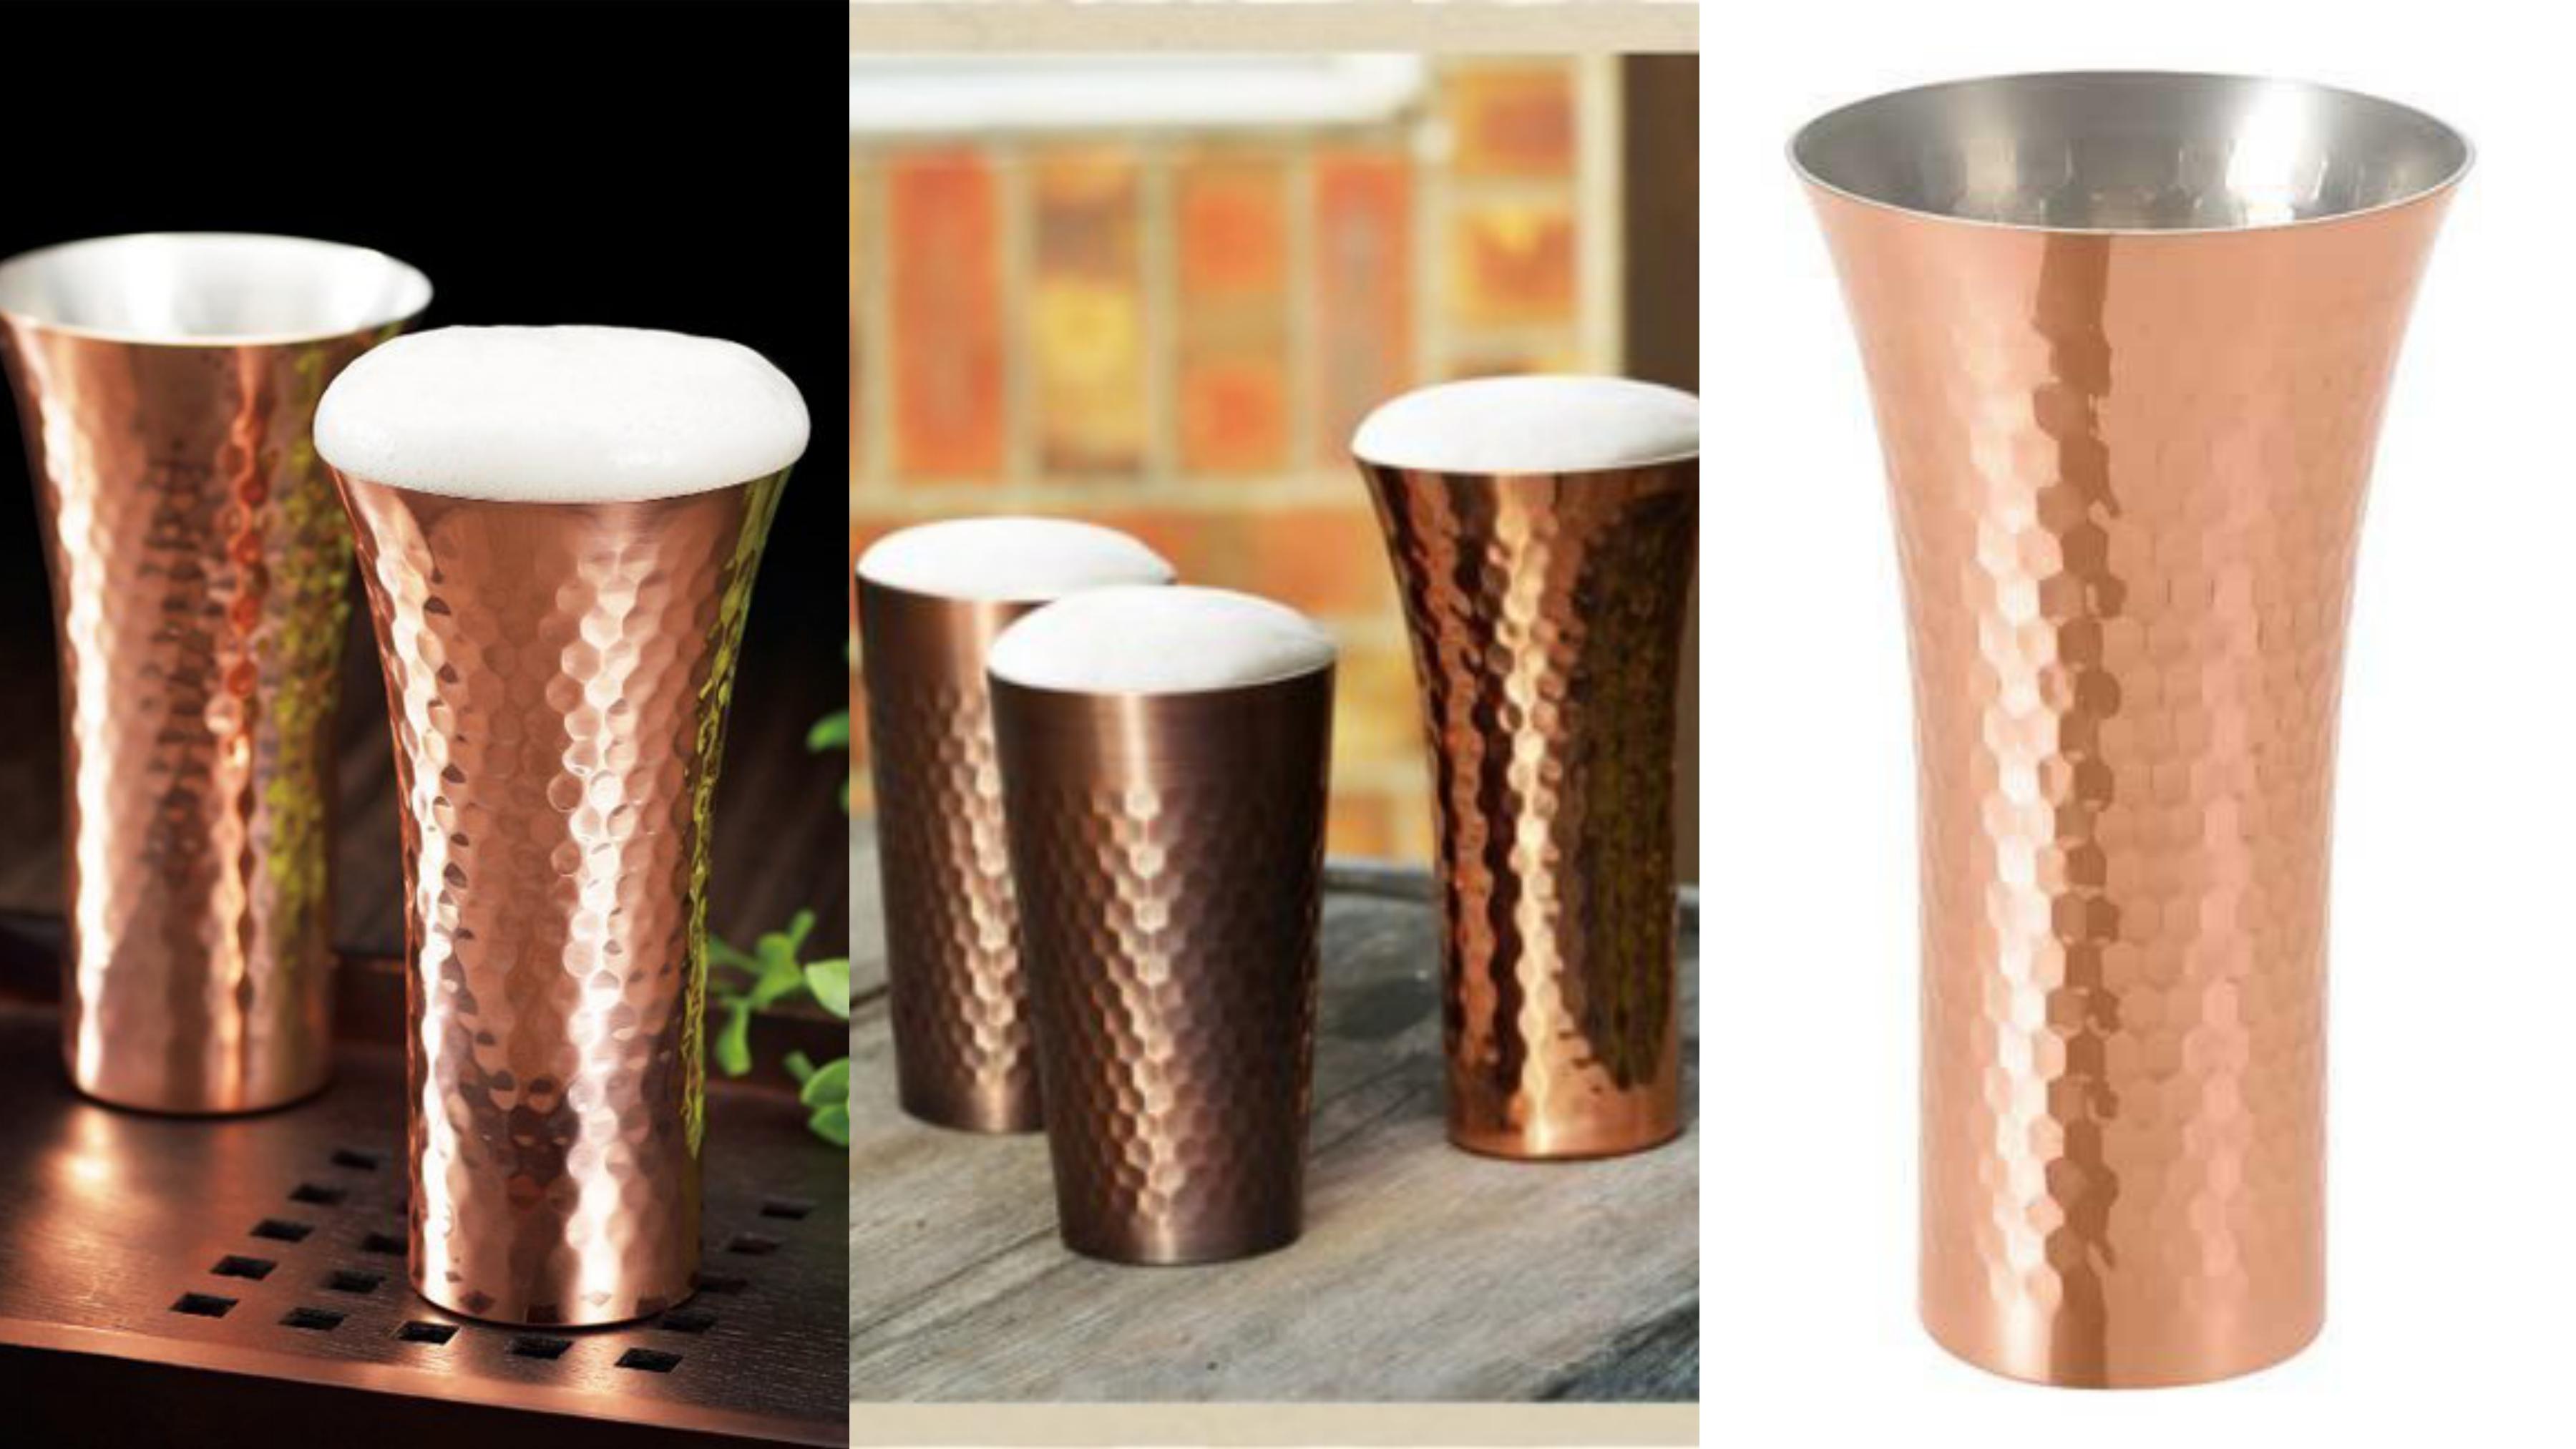 日本工匠純手工拋光製作,日本銅杯適合冷飲或常溫的飲料